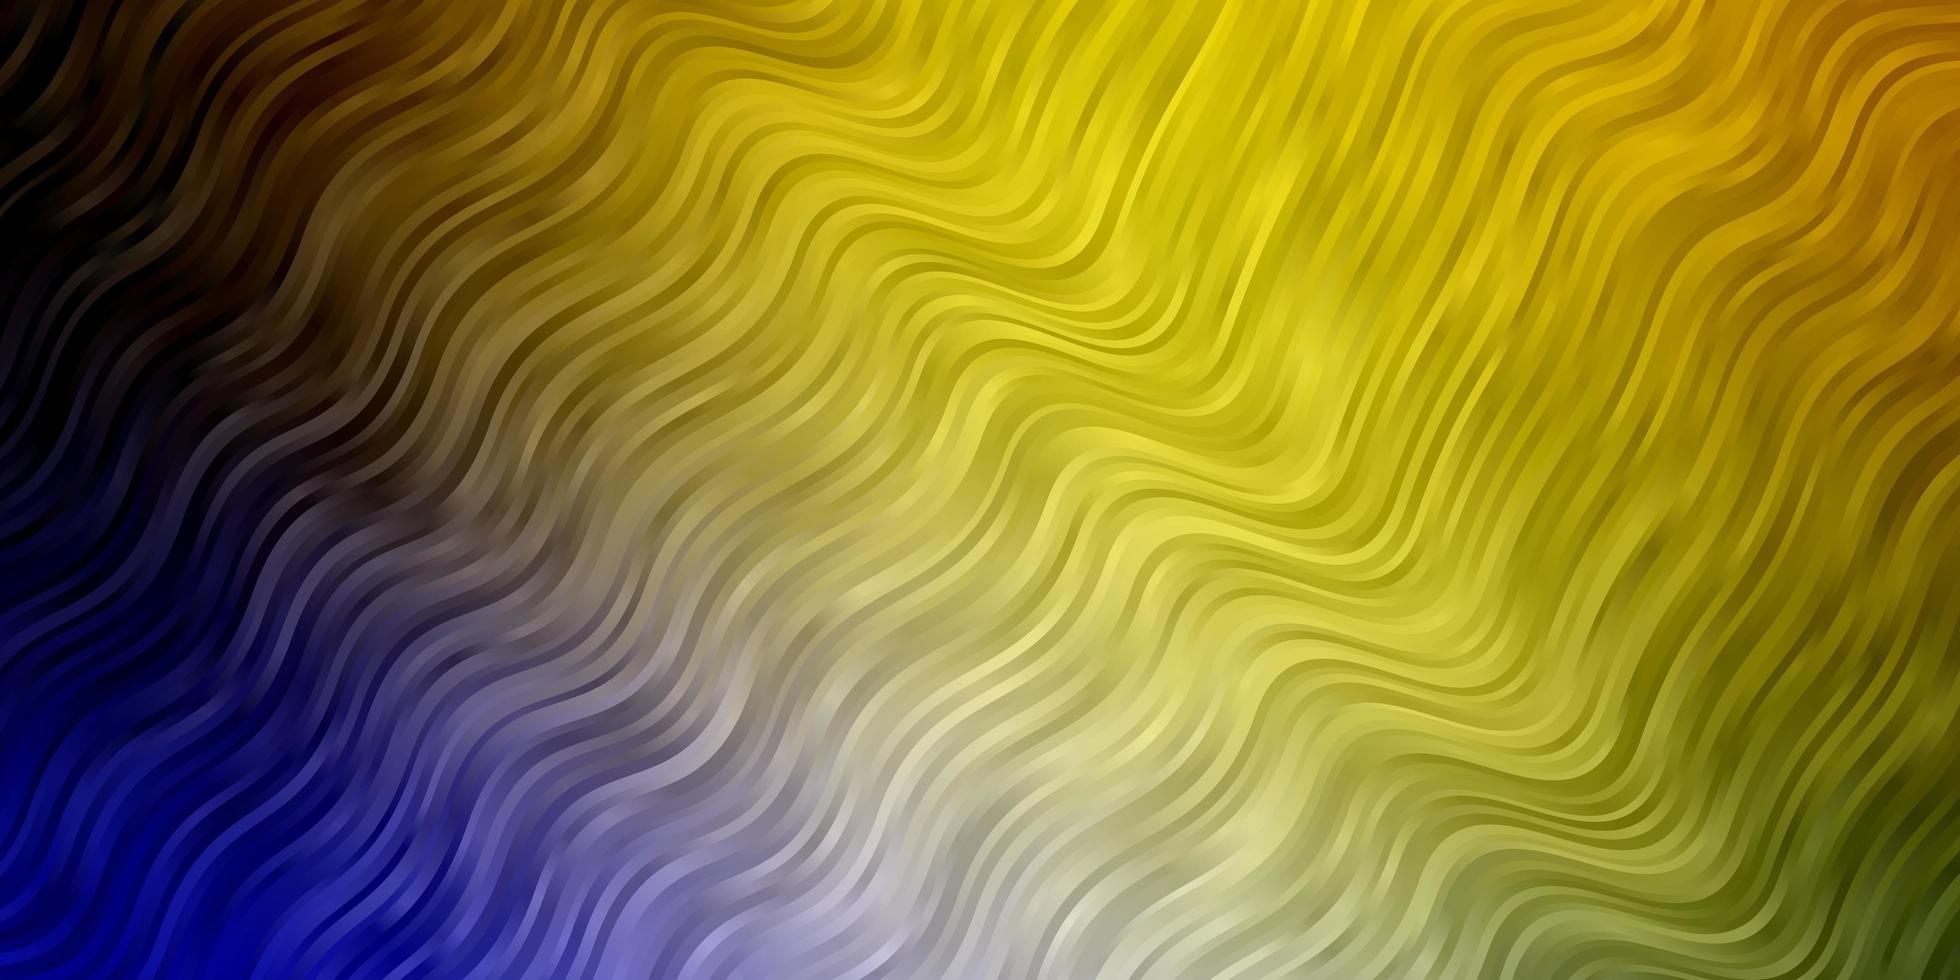 hellblaue, gelbe Schablone mit geschwungenen Linien. vektor